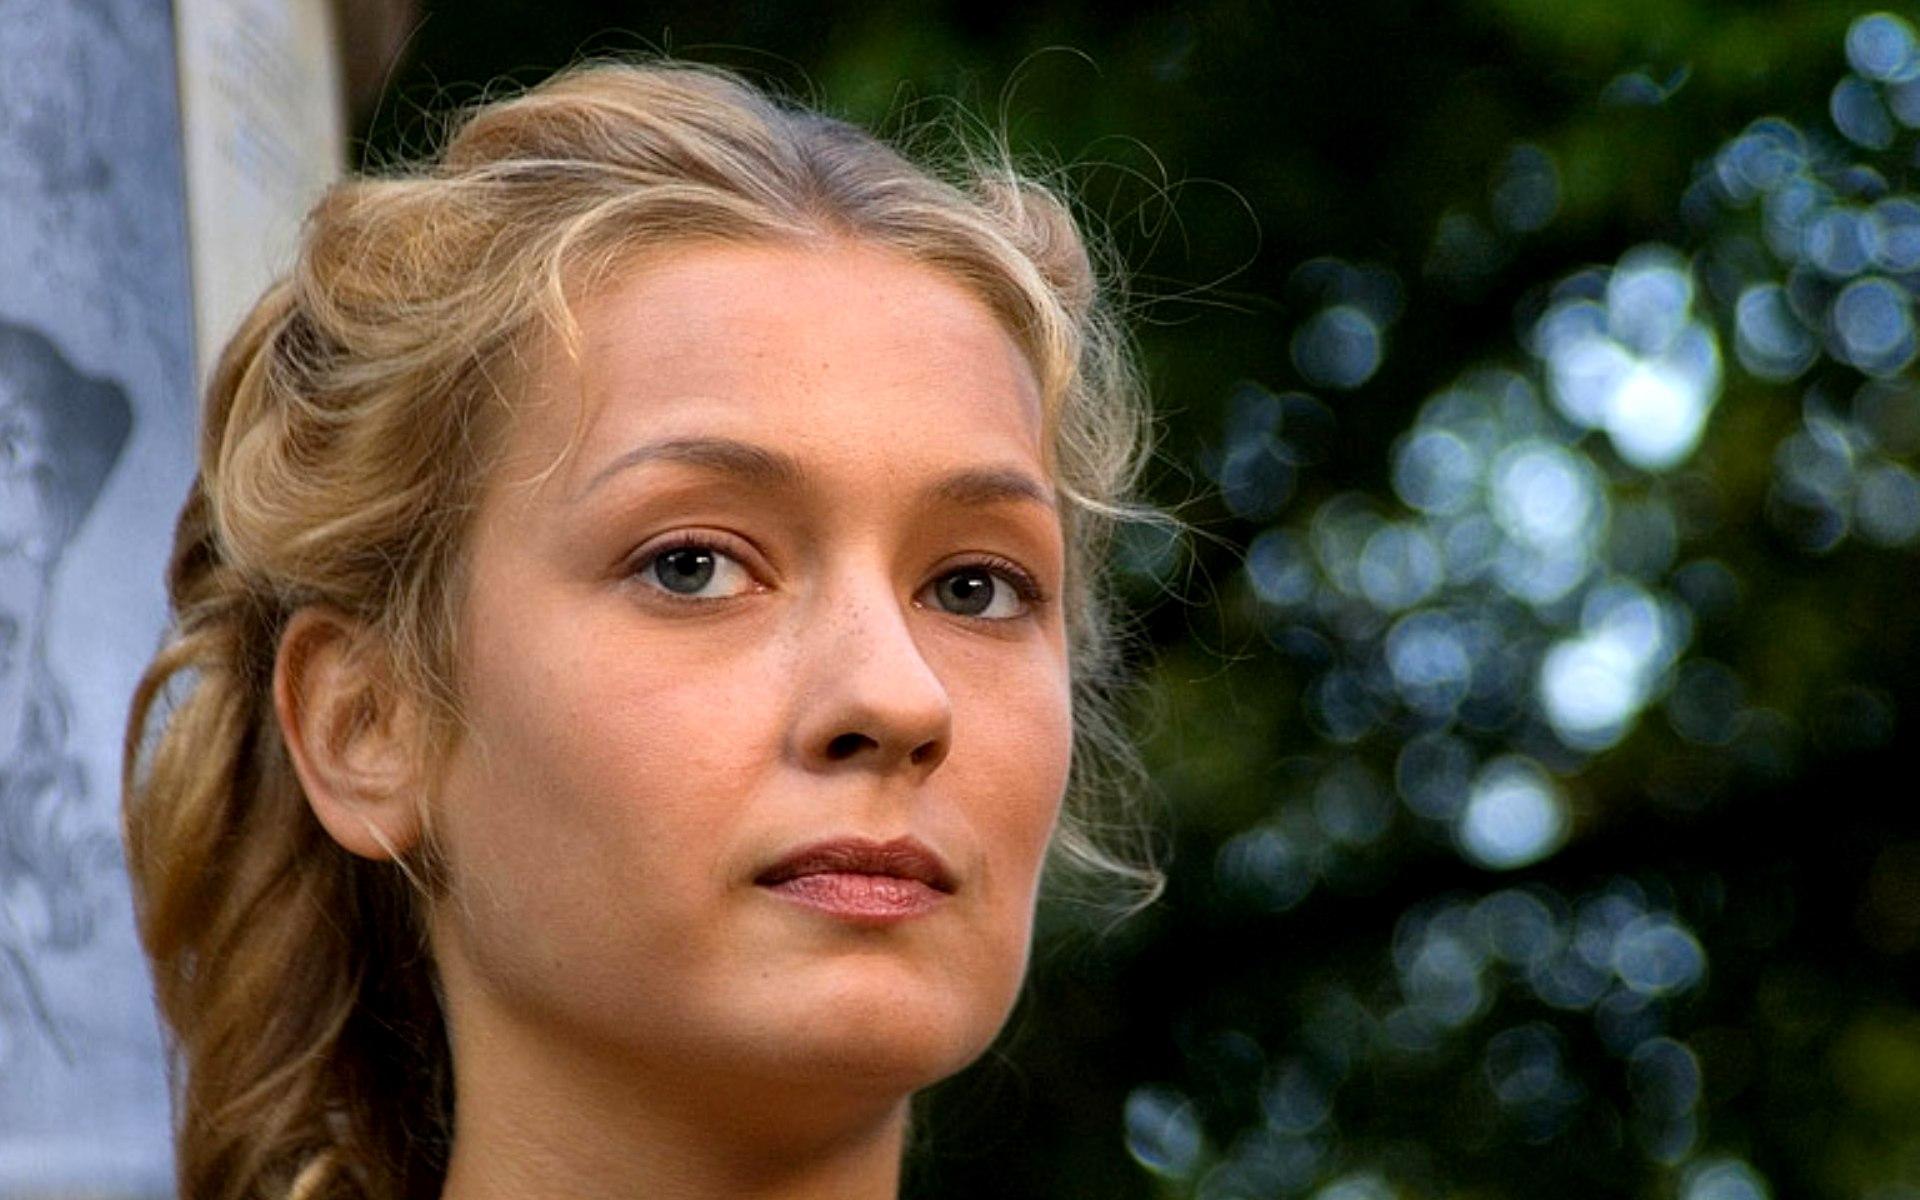 Русские актрисы список, Фотографии - Российские актрисы - Кино-Театр. РУ 16 фотография